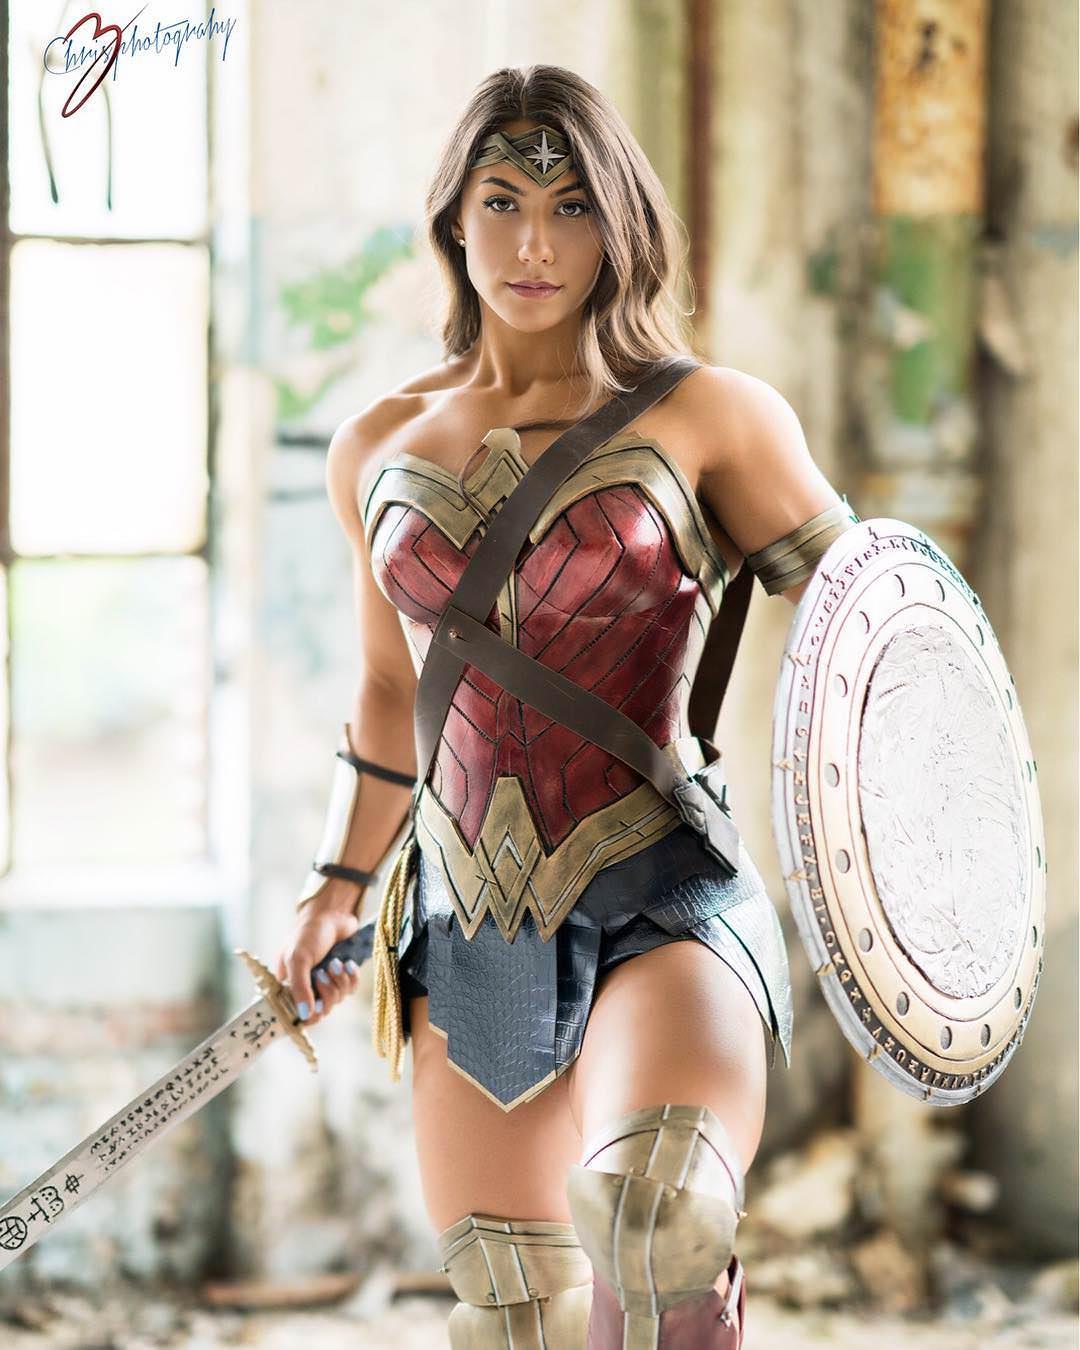 wonder-woman-cosplay-02.jpg